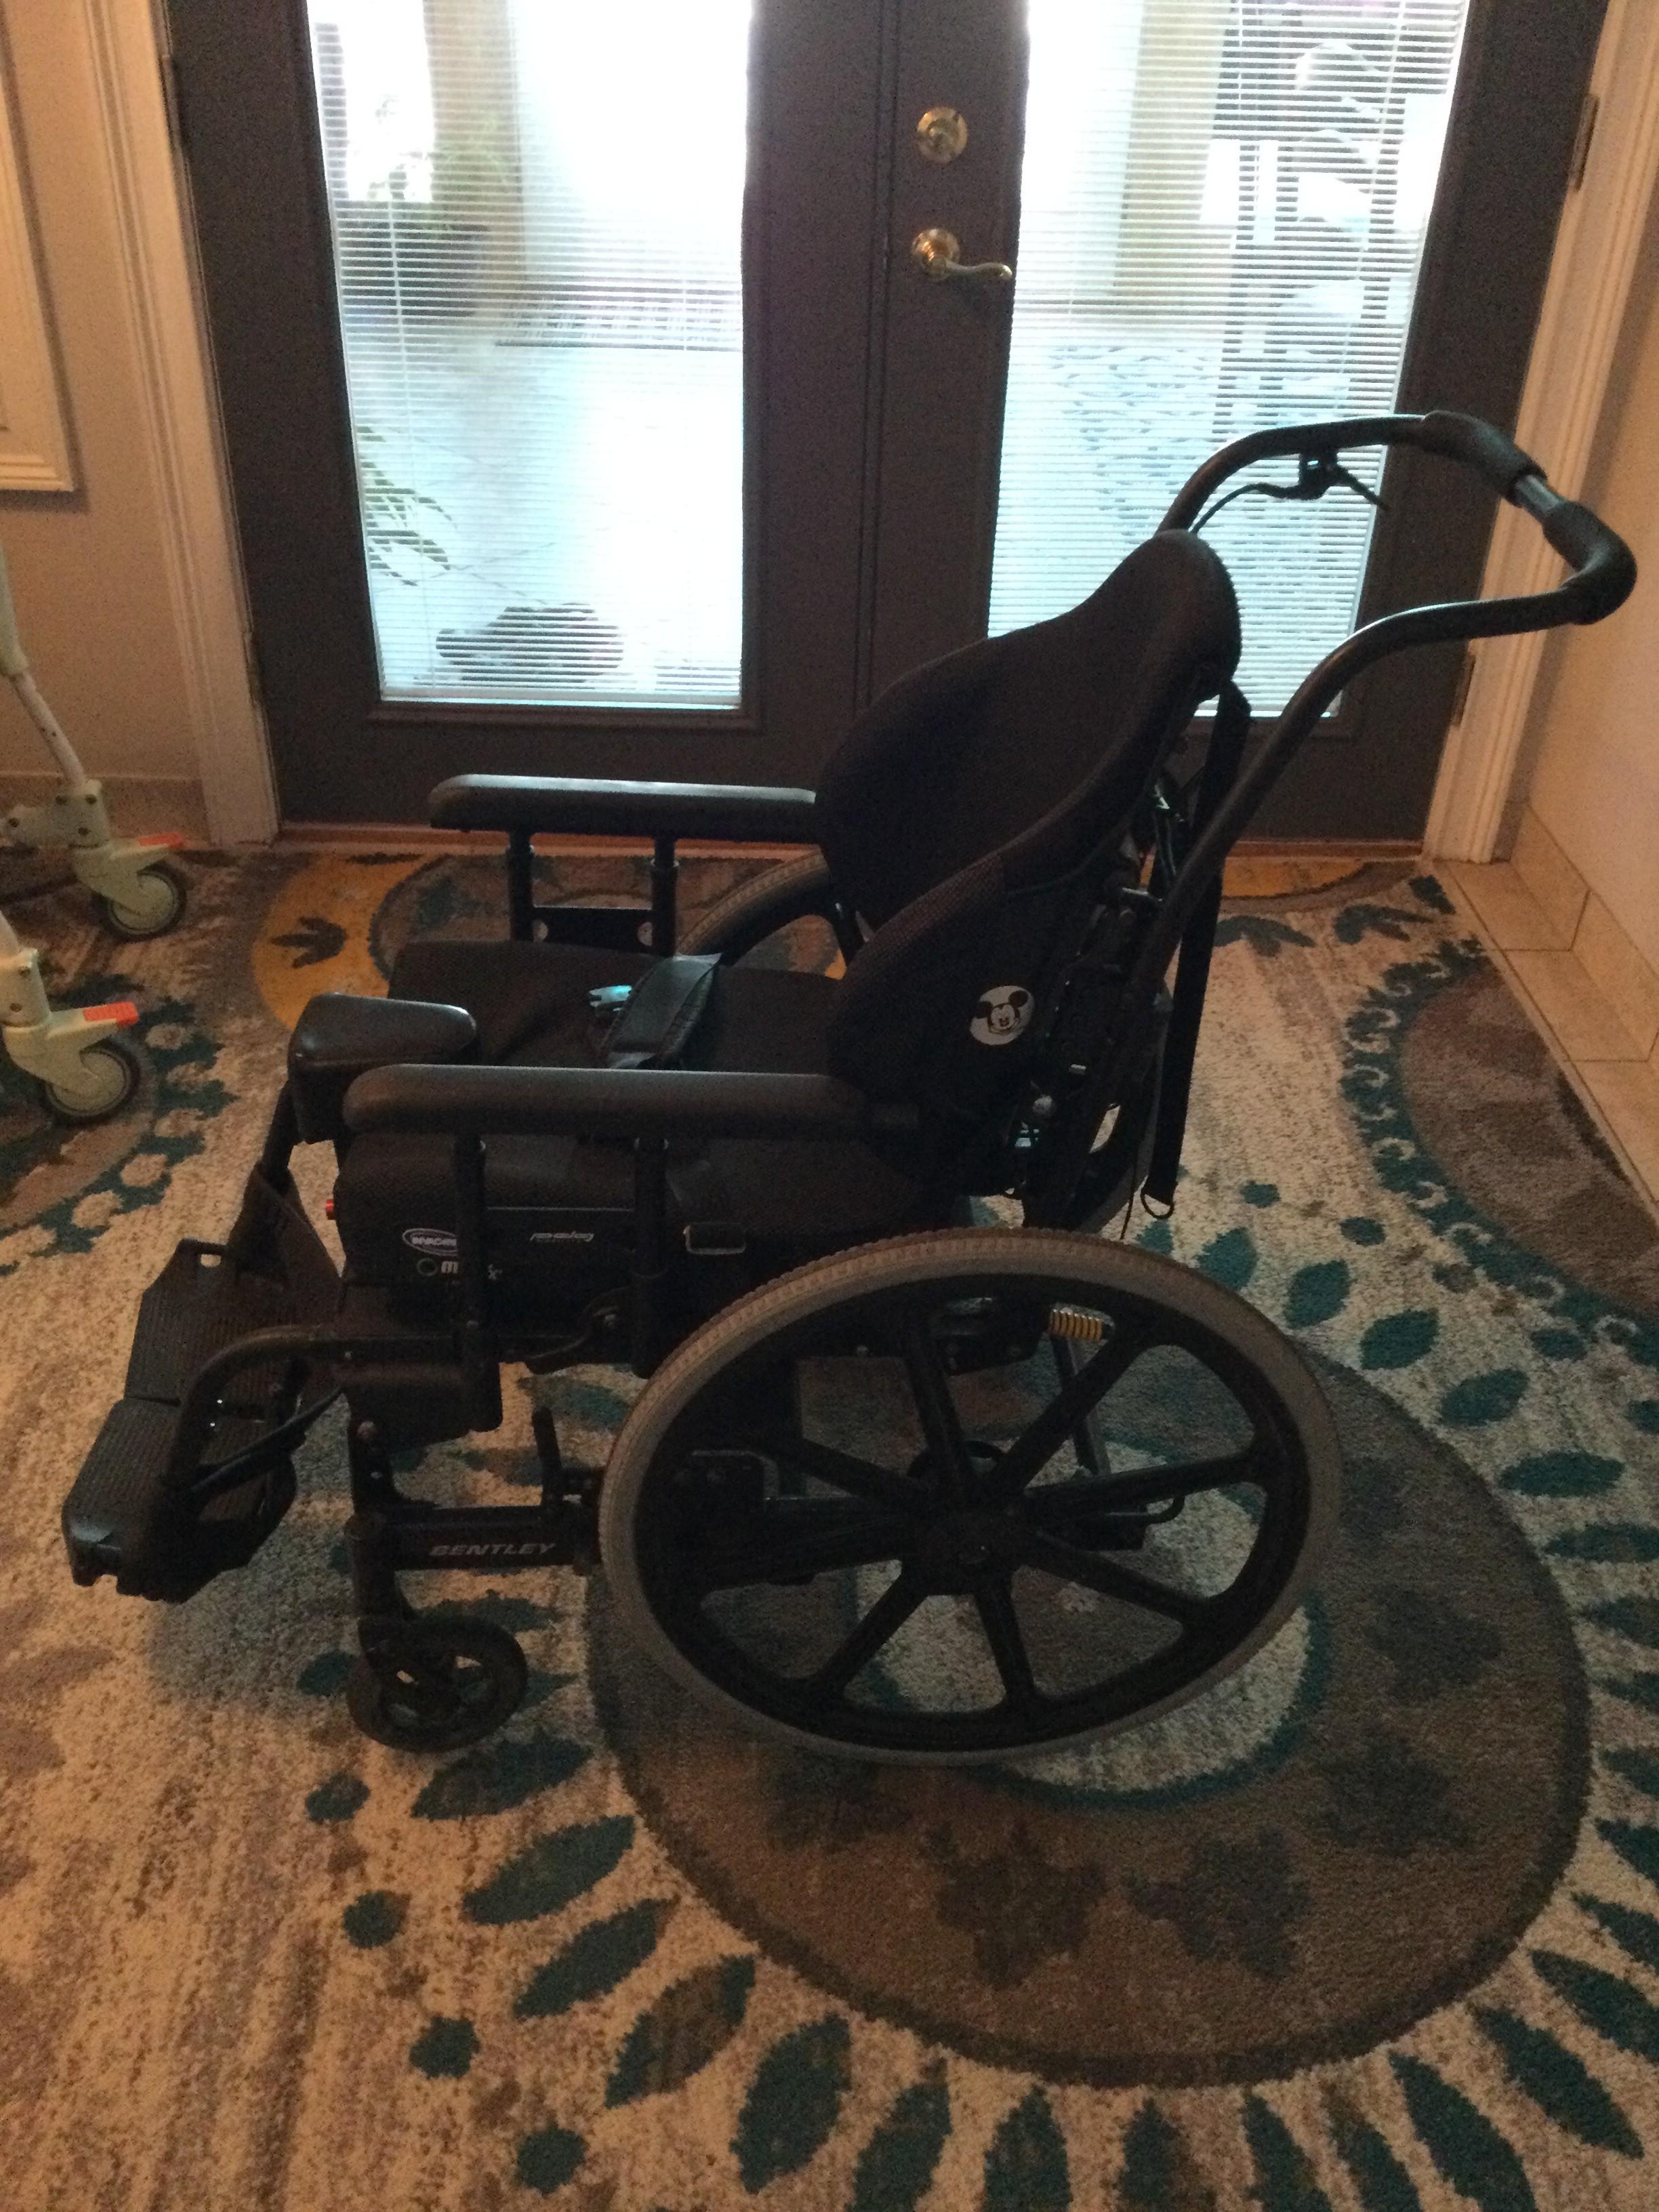 Photo 2 of Bentley Tilt-in-Space Manual Wheelchair